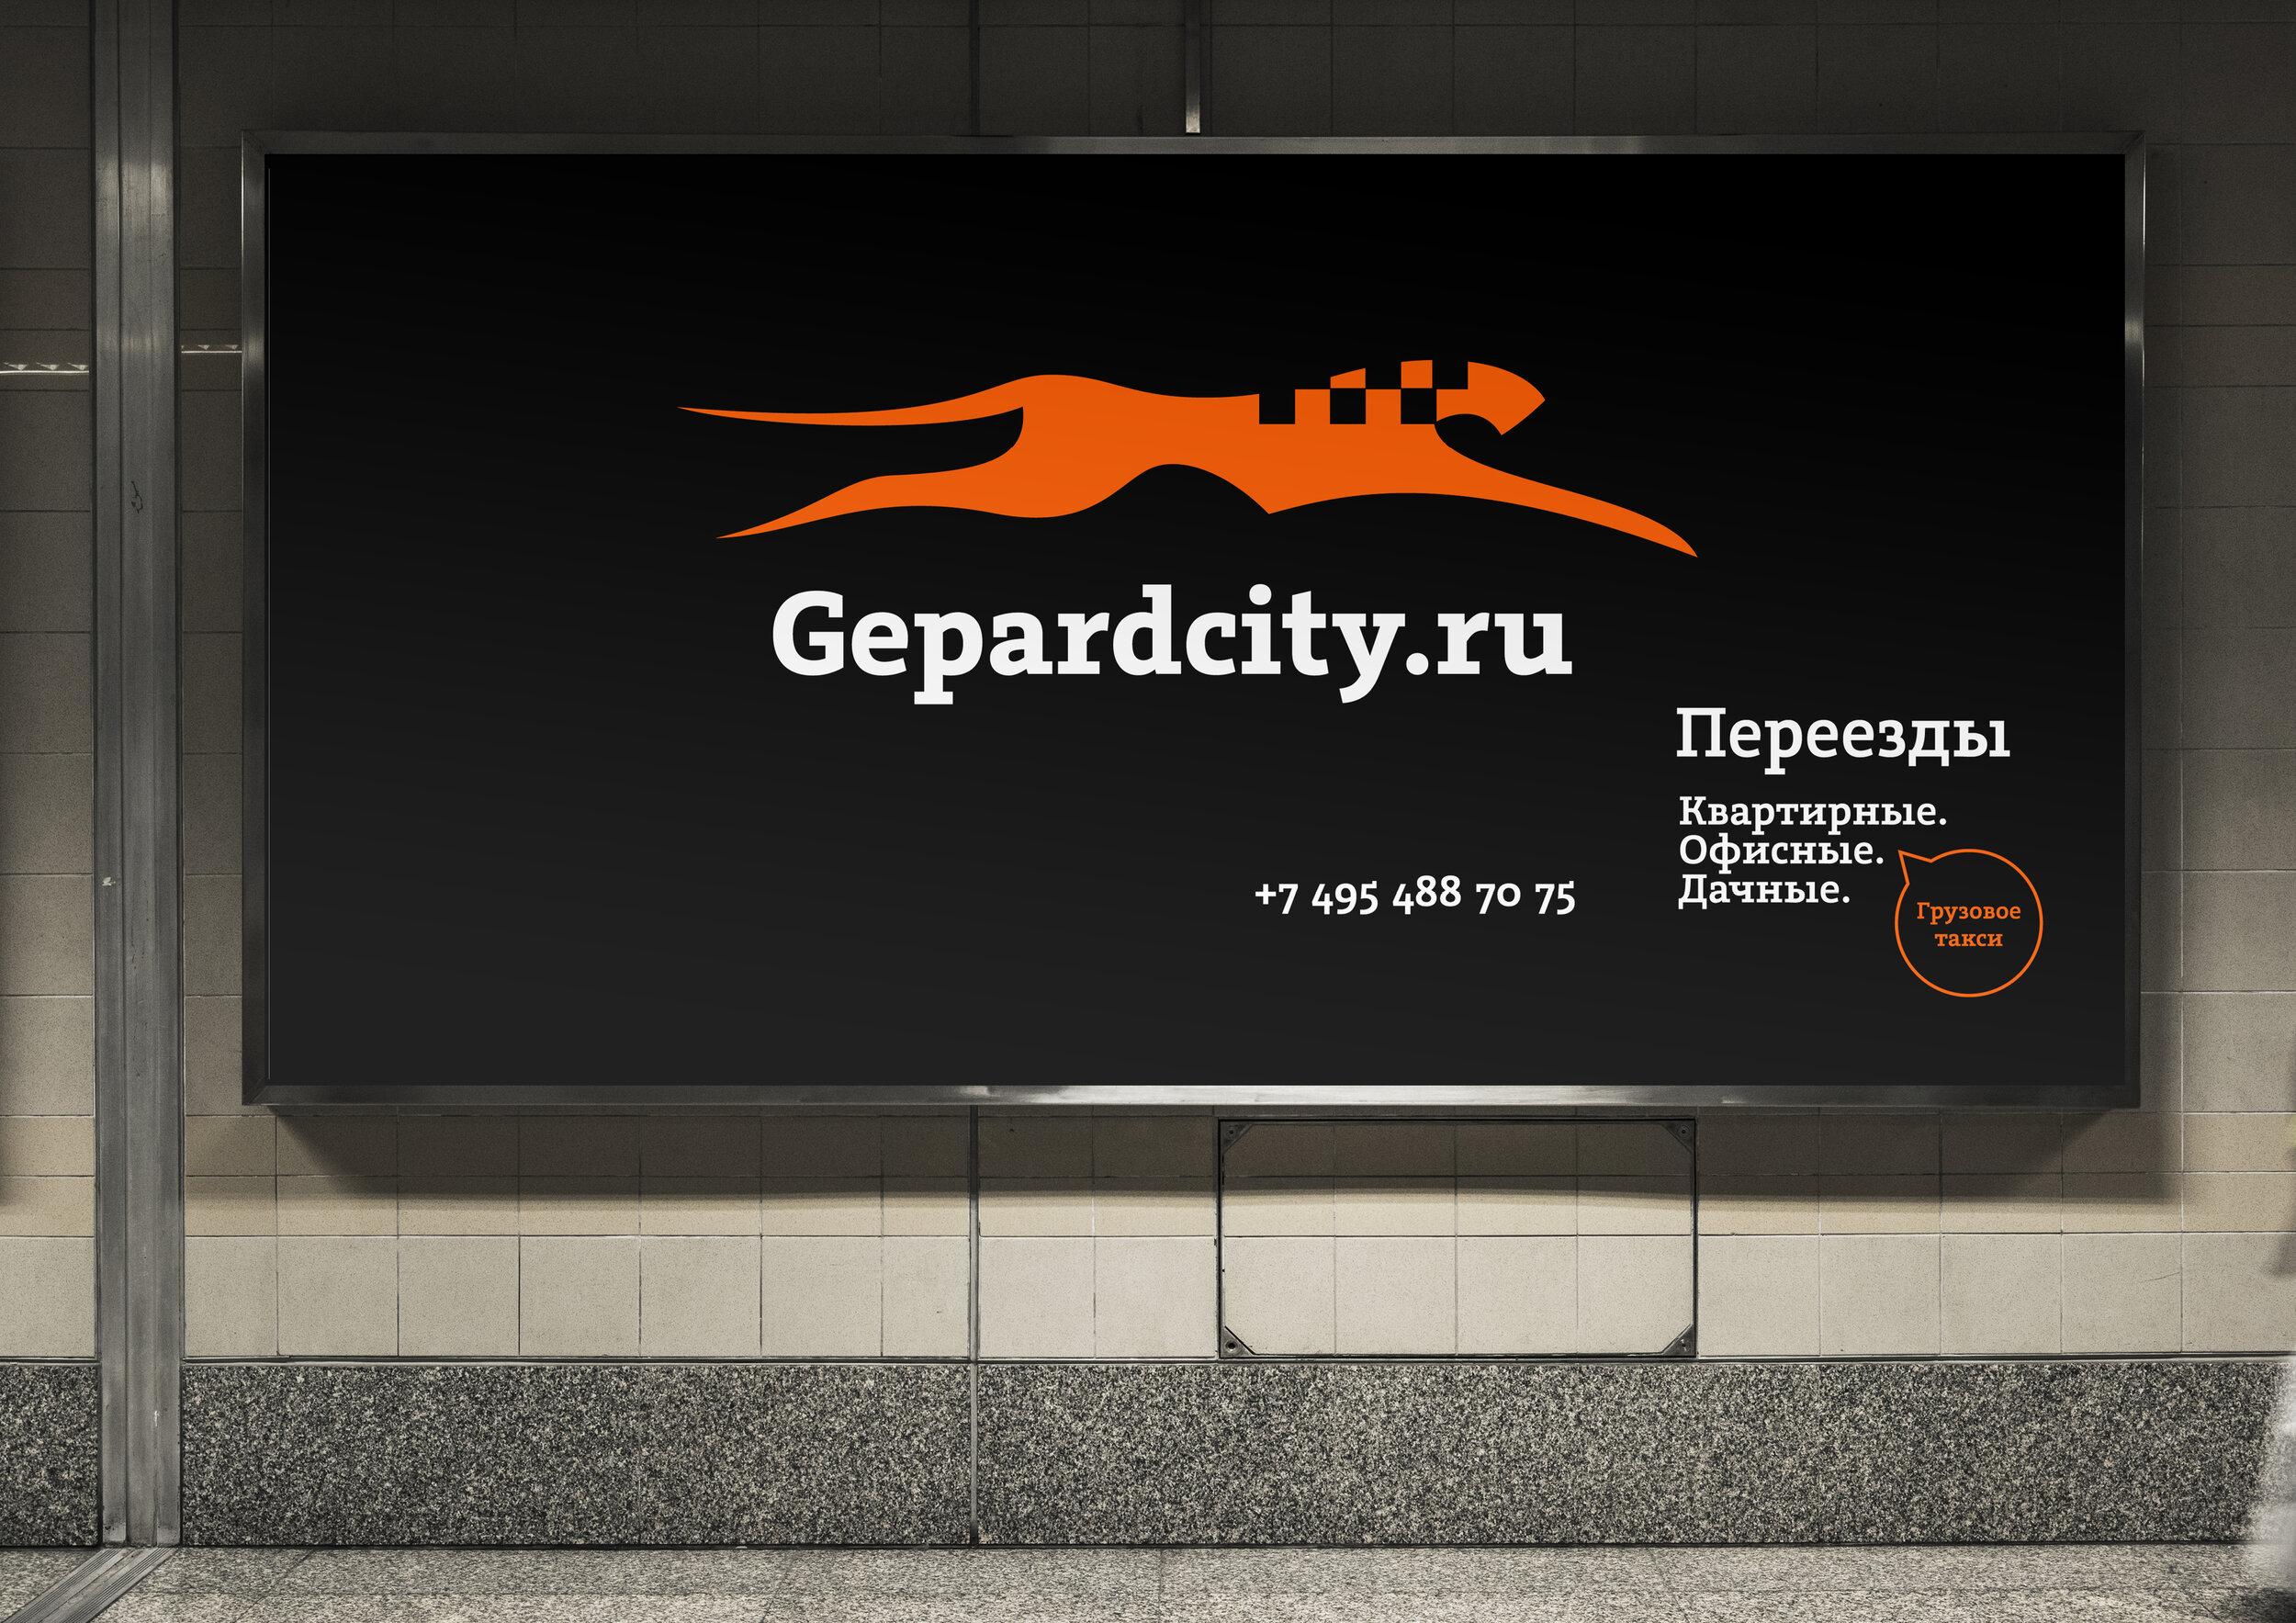 Лого был выполнен в насыщенном оранжевом цвете на  темном   фоне, это сочетание  также подчеркнуло энергию, силу, скорость и грацию